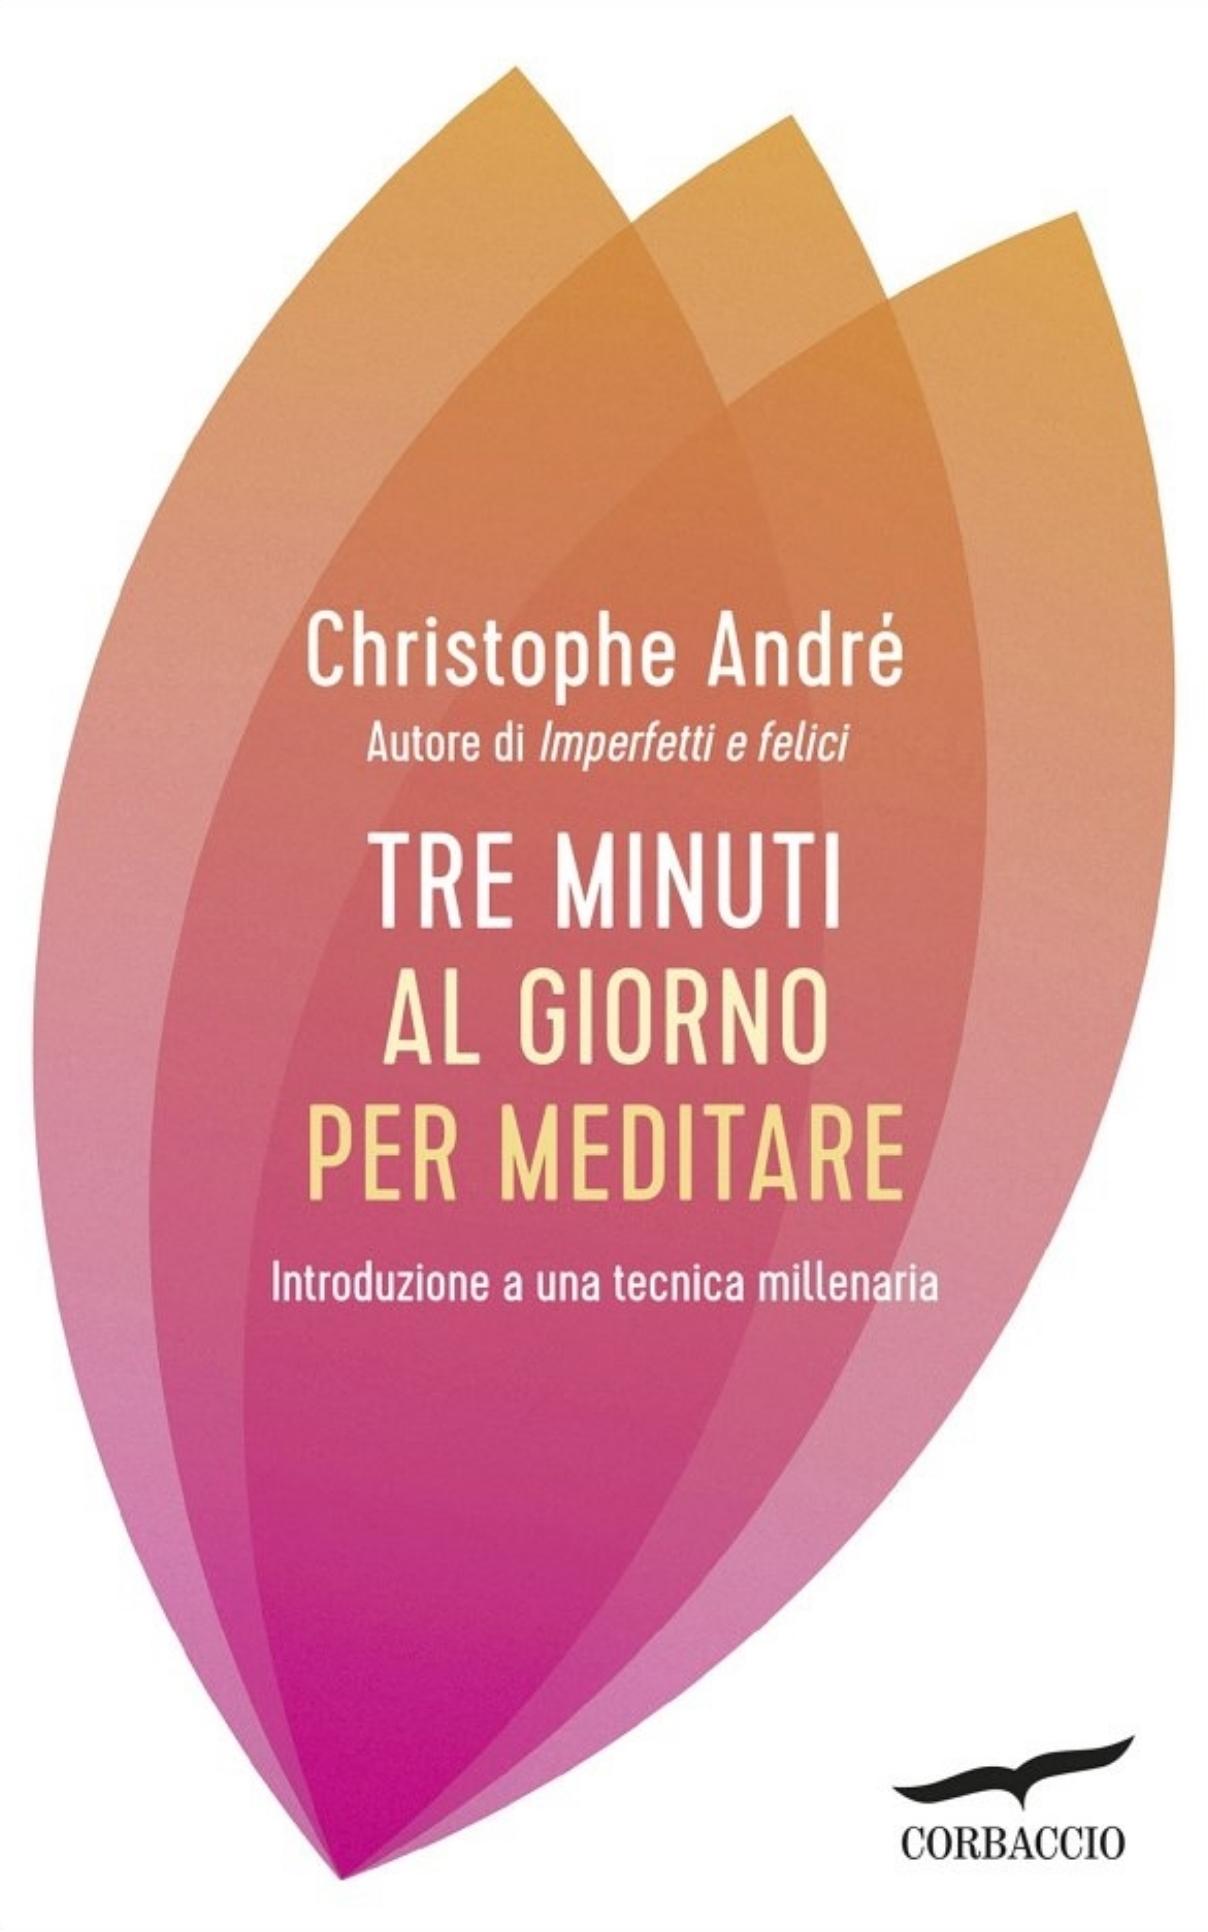 Tre minuti al giorno per meditare. | Tiziano Solignani